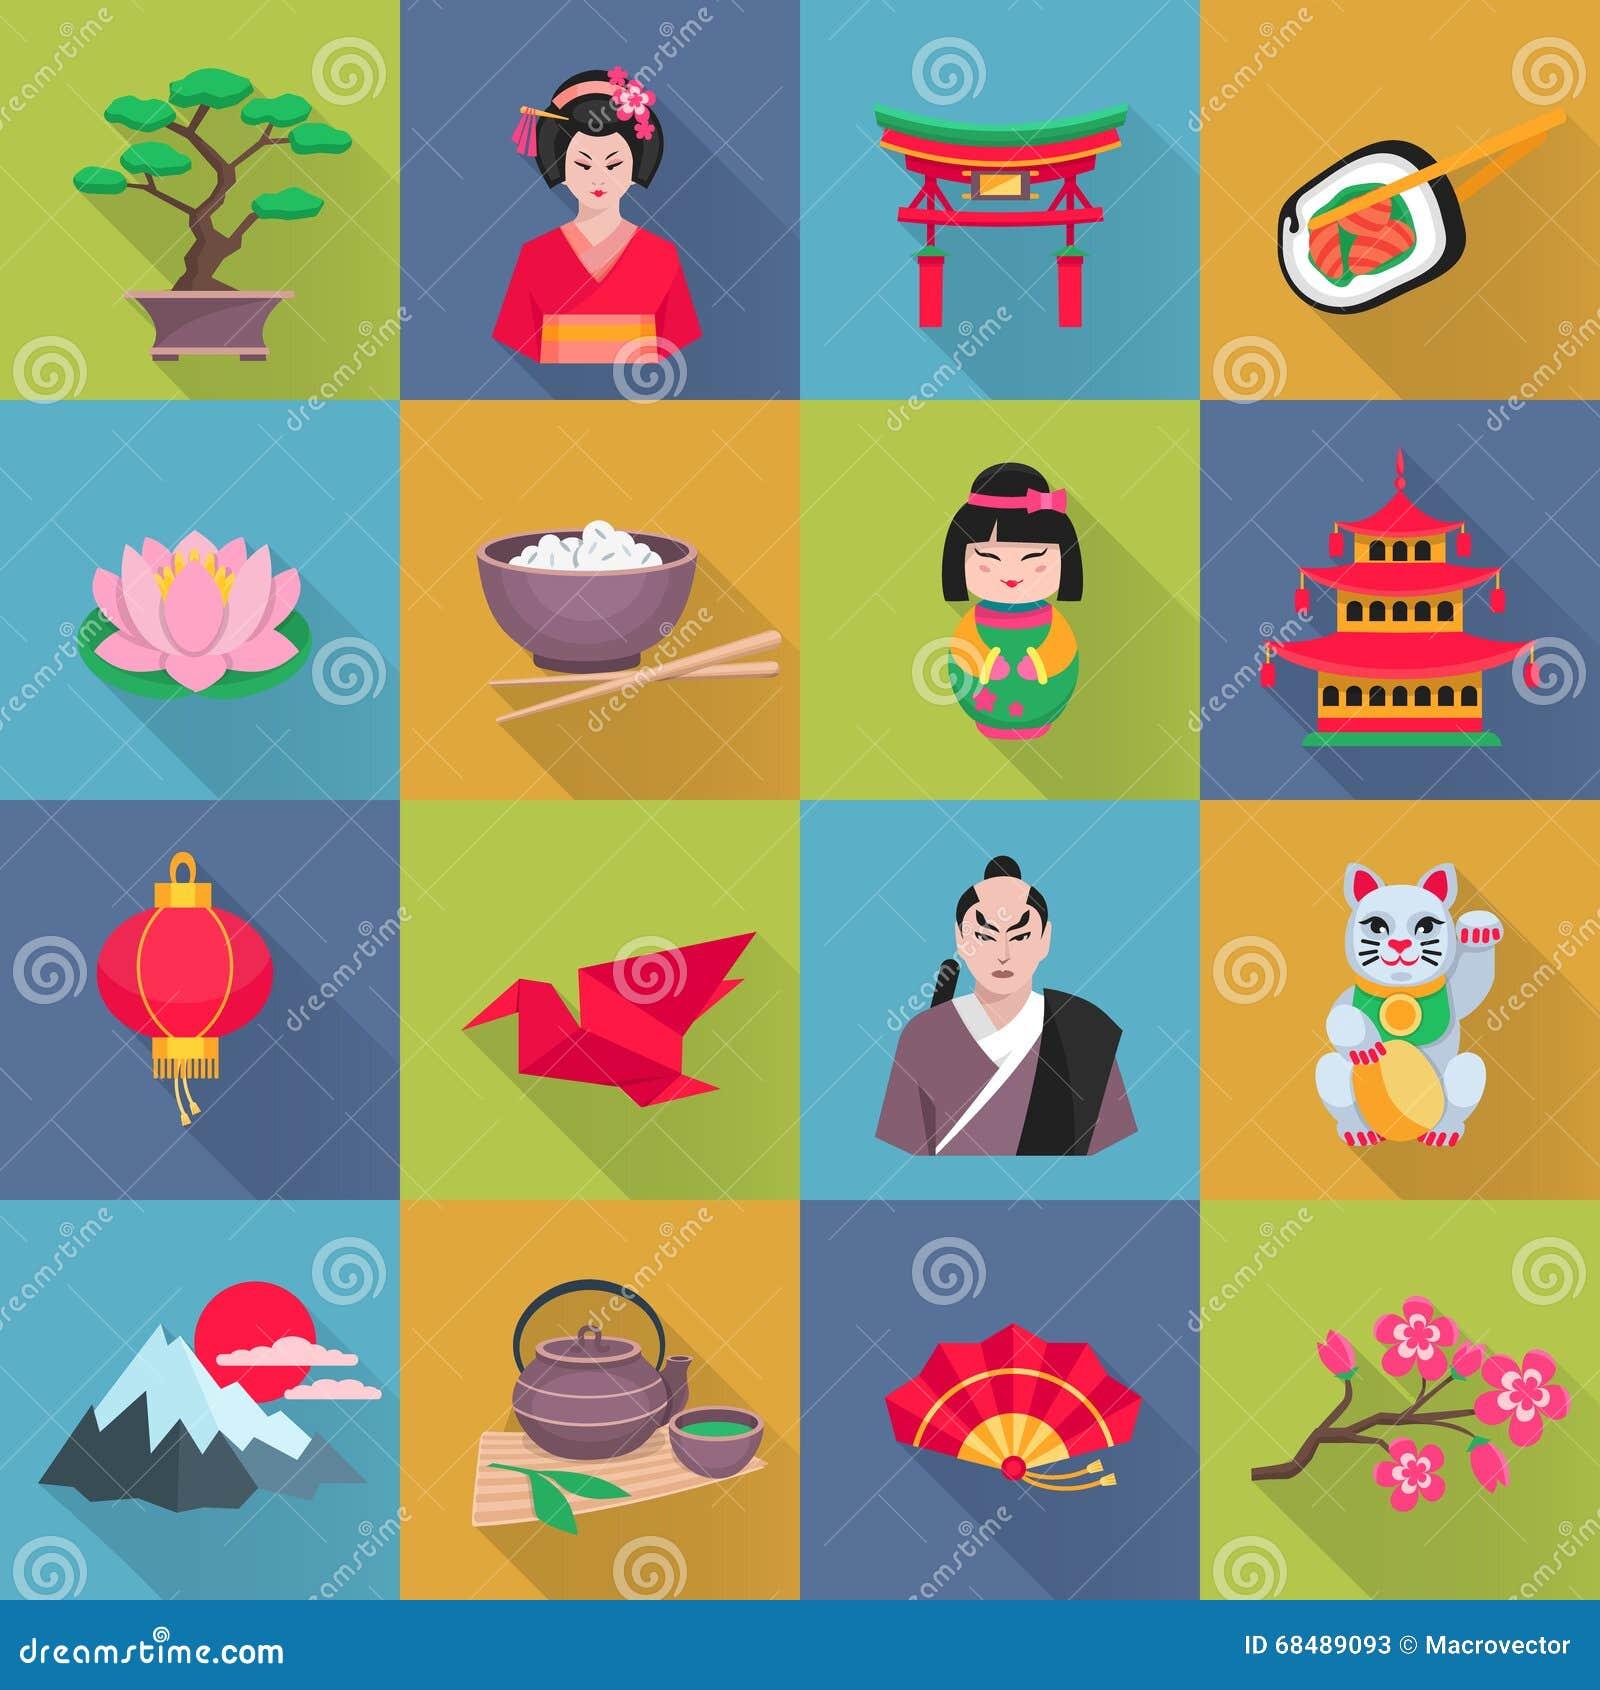 Japanese Culture Symbols Flat Icons Set Stock Illustration ...